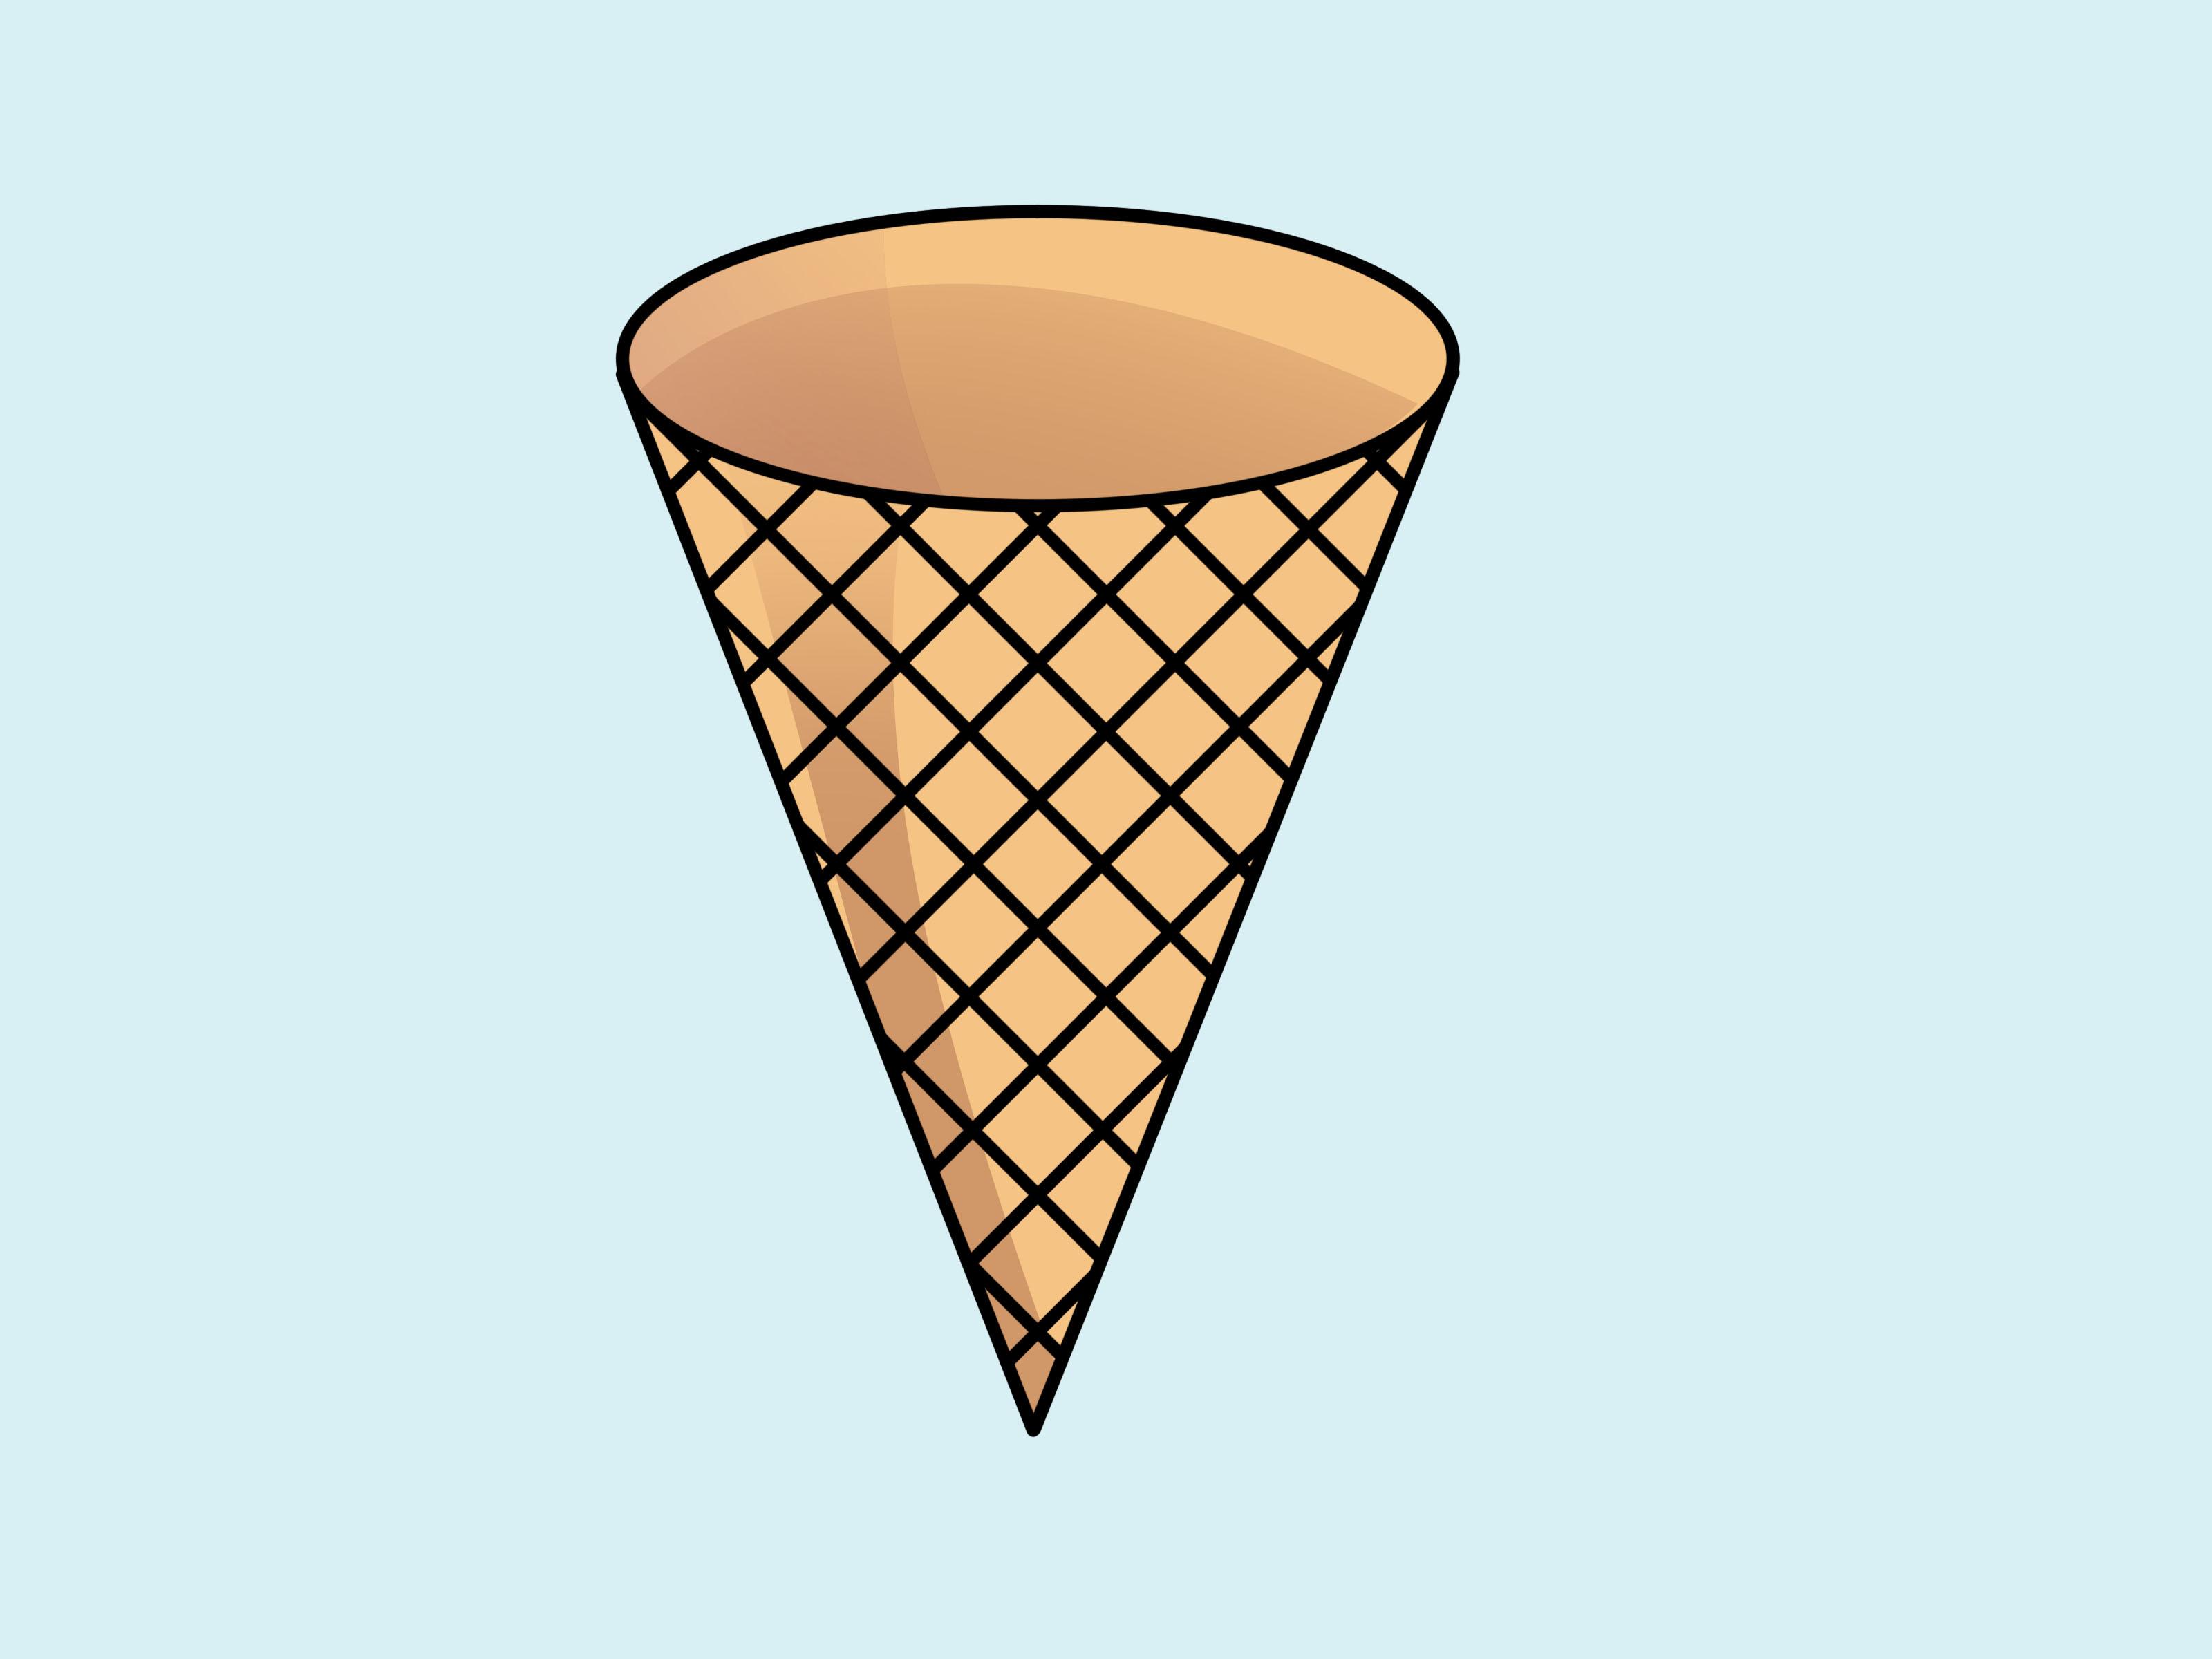 Ice cream cone ice clip art images image 0